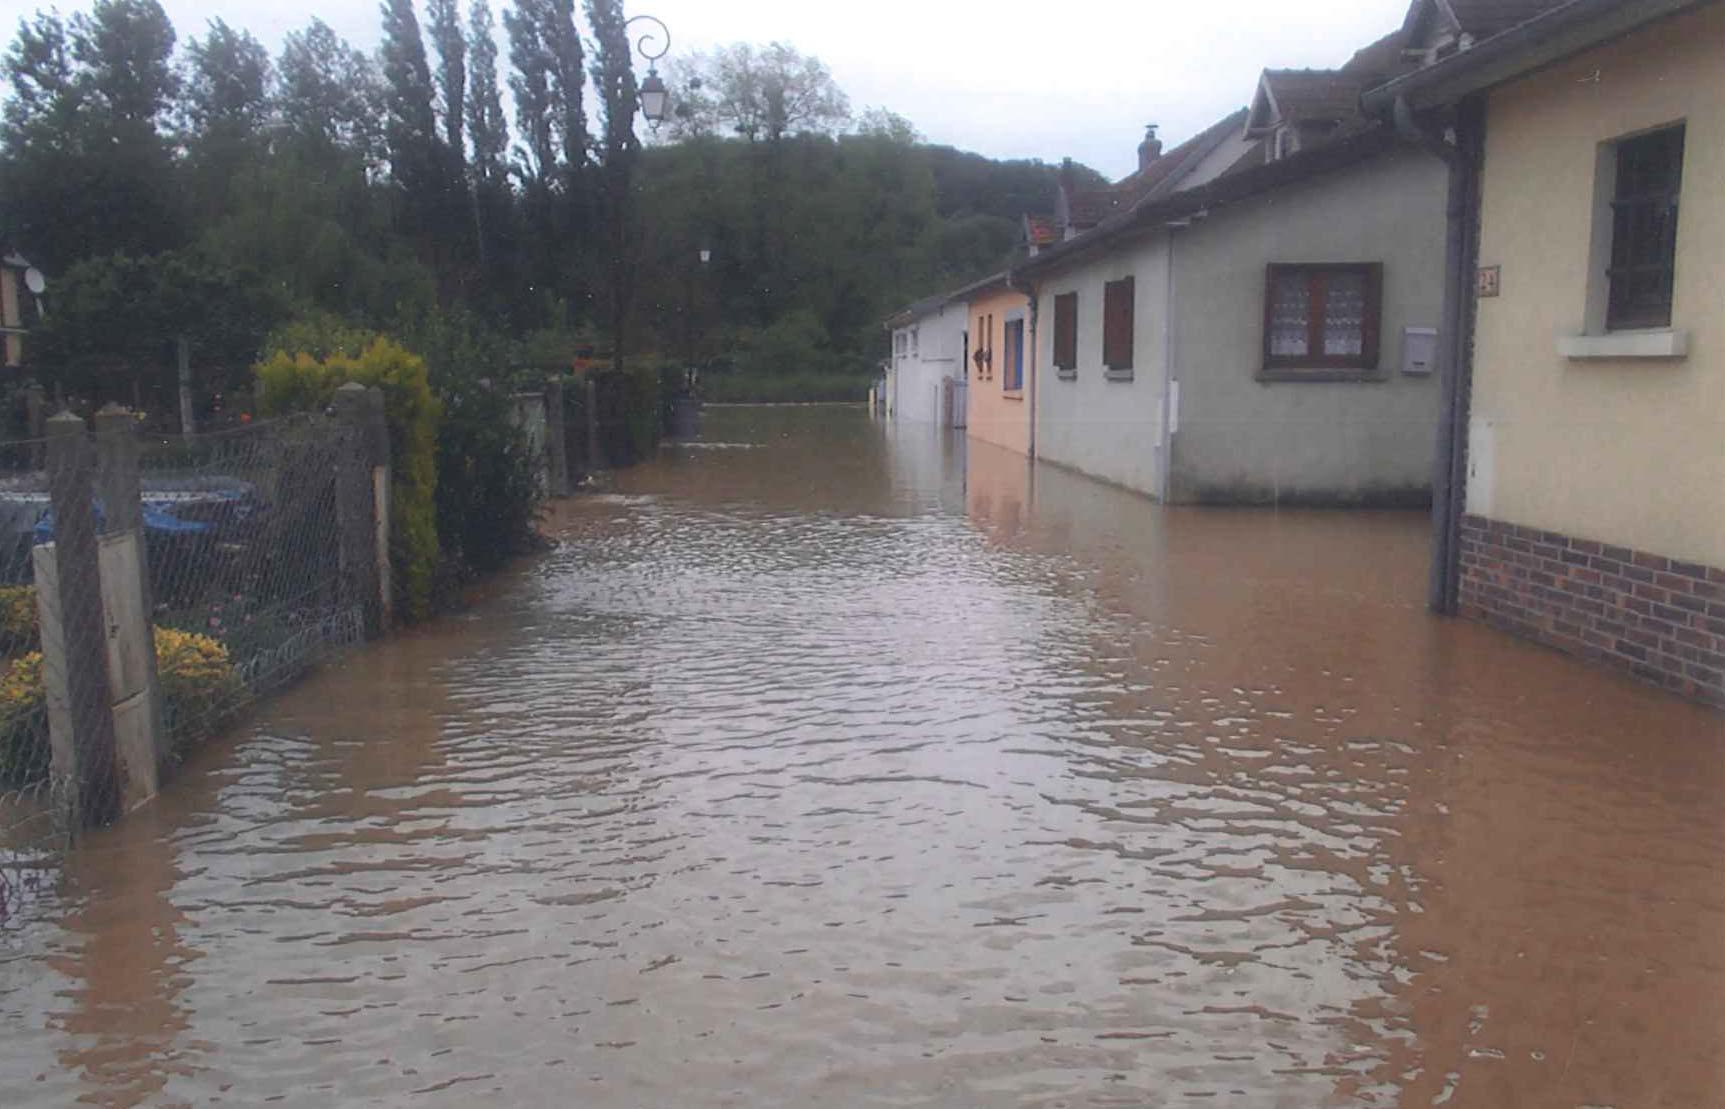 Inondations à Hautot-sur-Mer en 2014